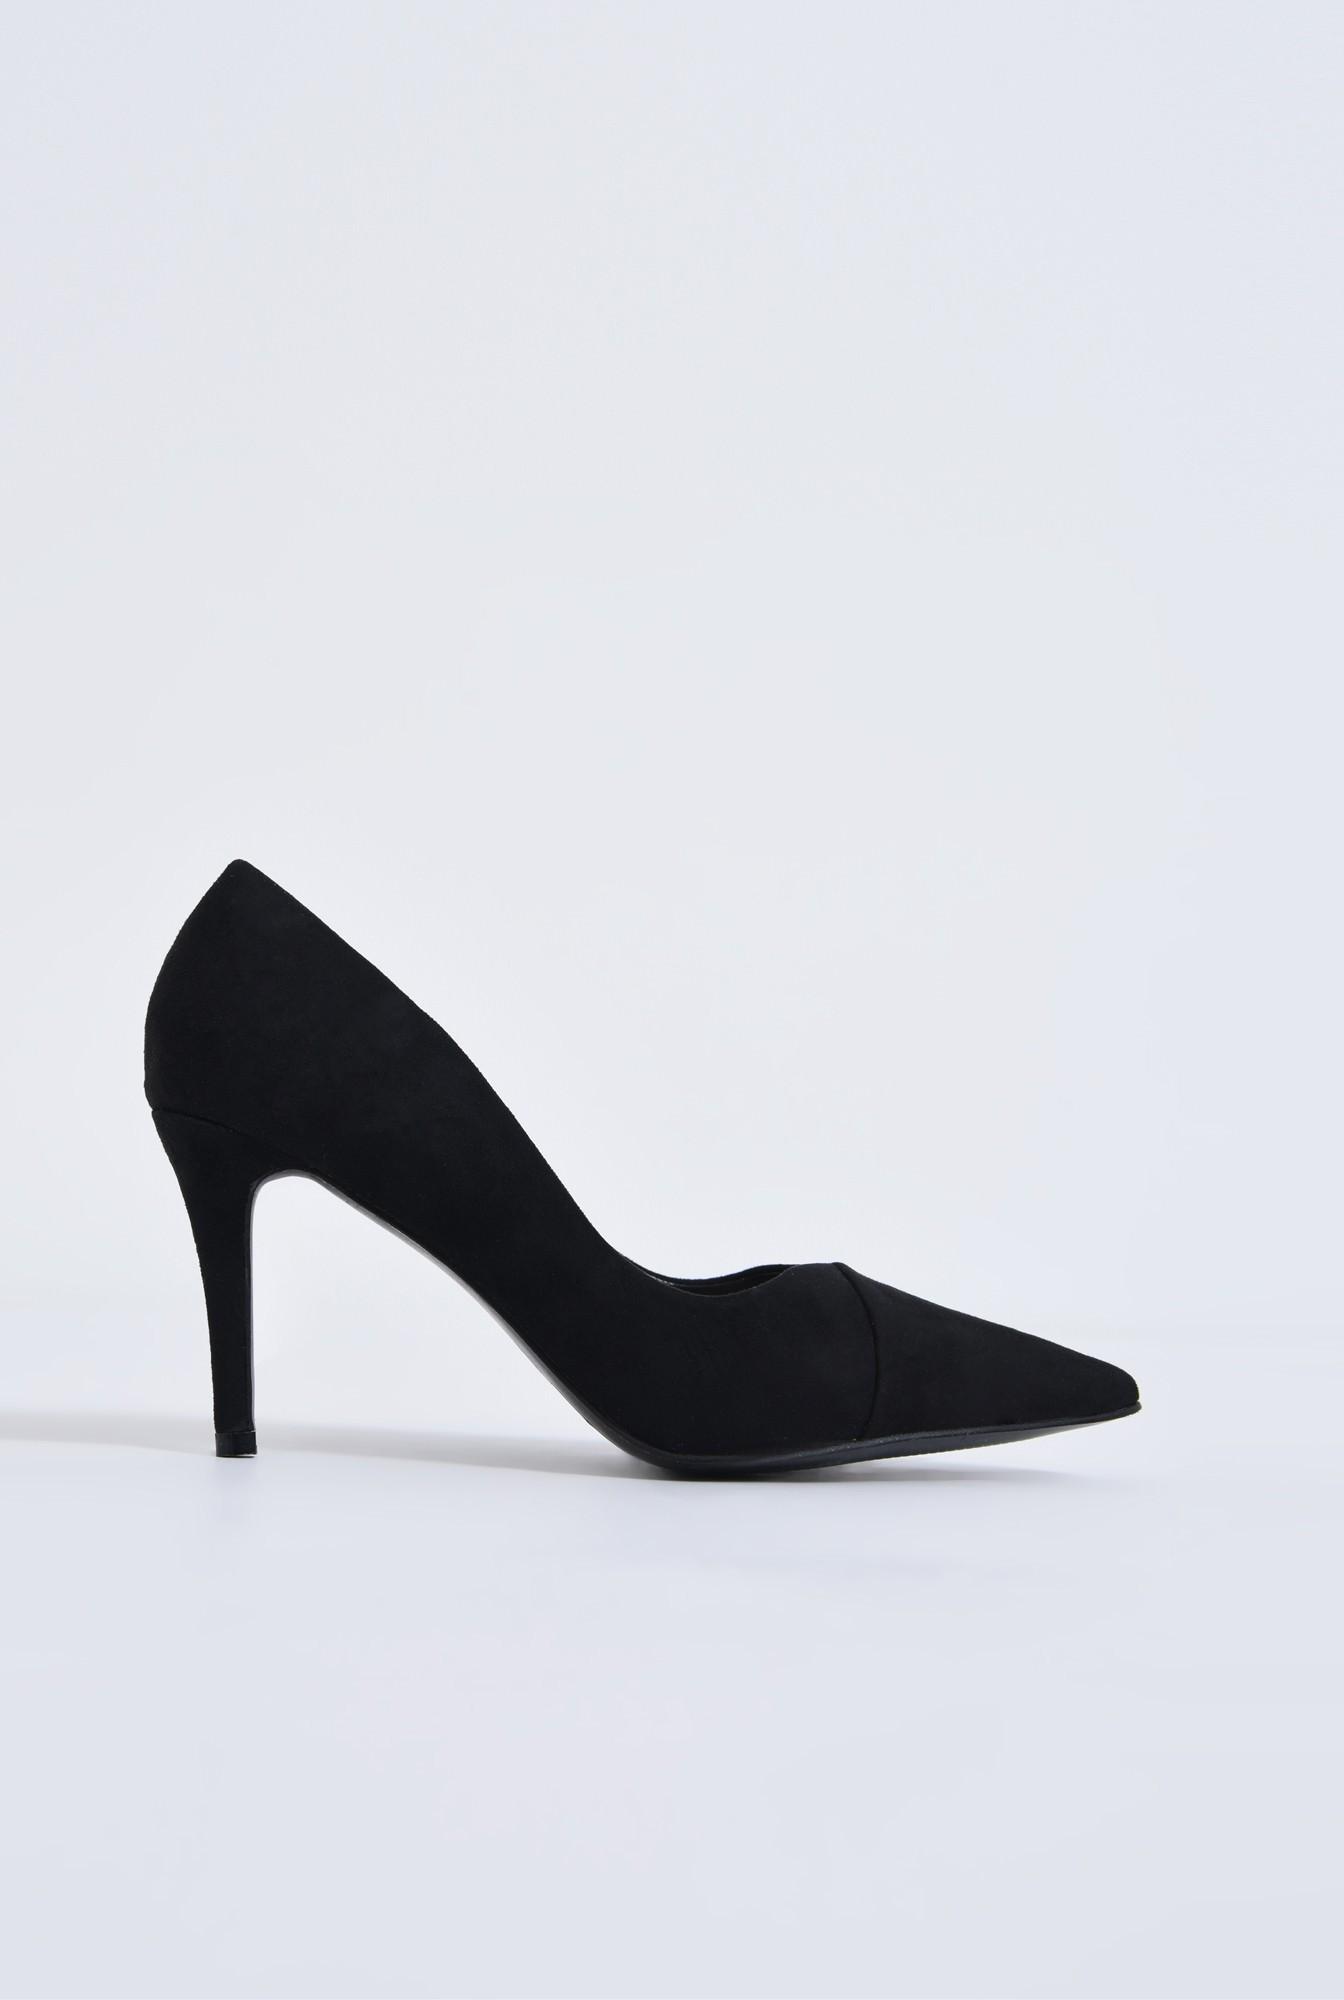 pantofi casual, negru, toc subtire